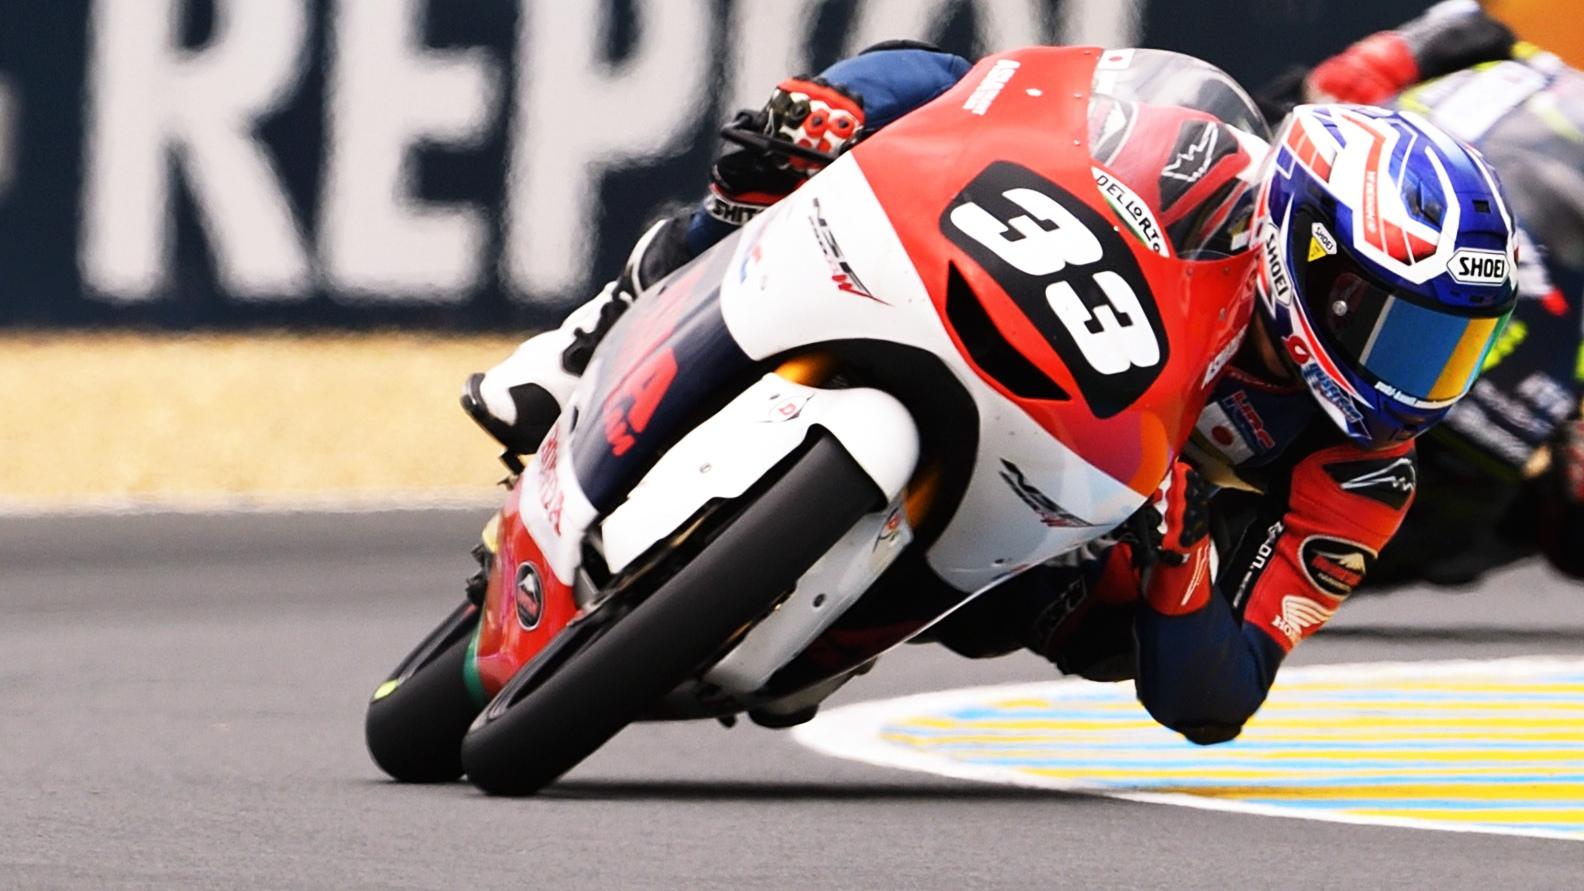 Yuki Kunii arrasa en Le Mans y apuntala el liderato del Mundial Junior de Moto3